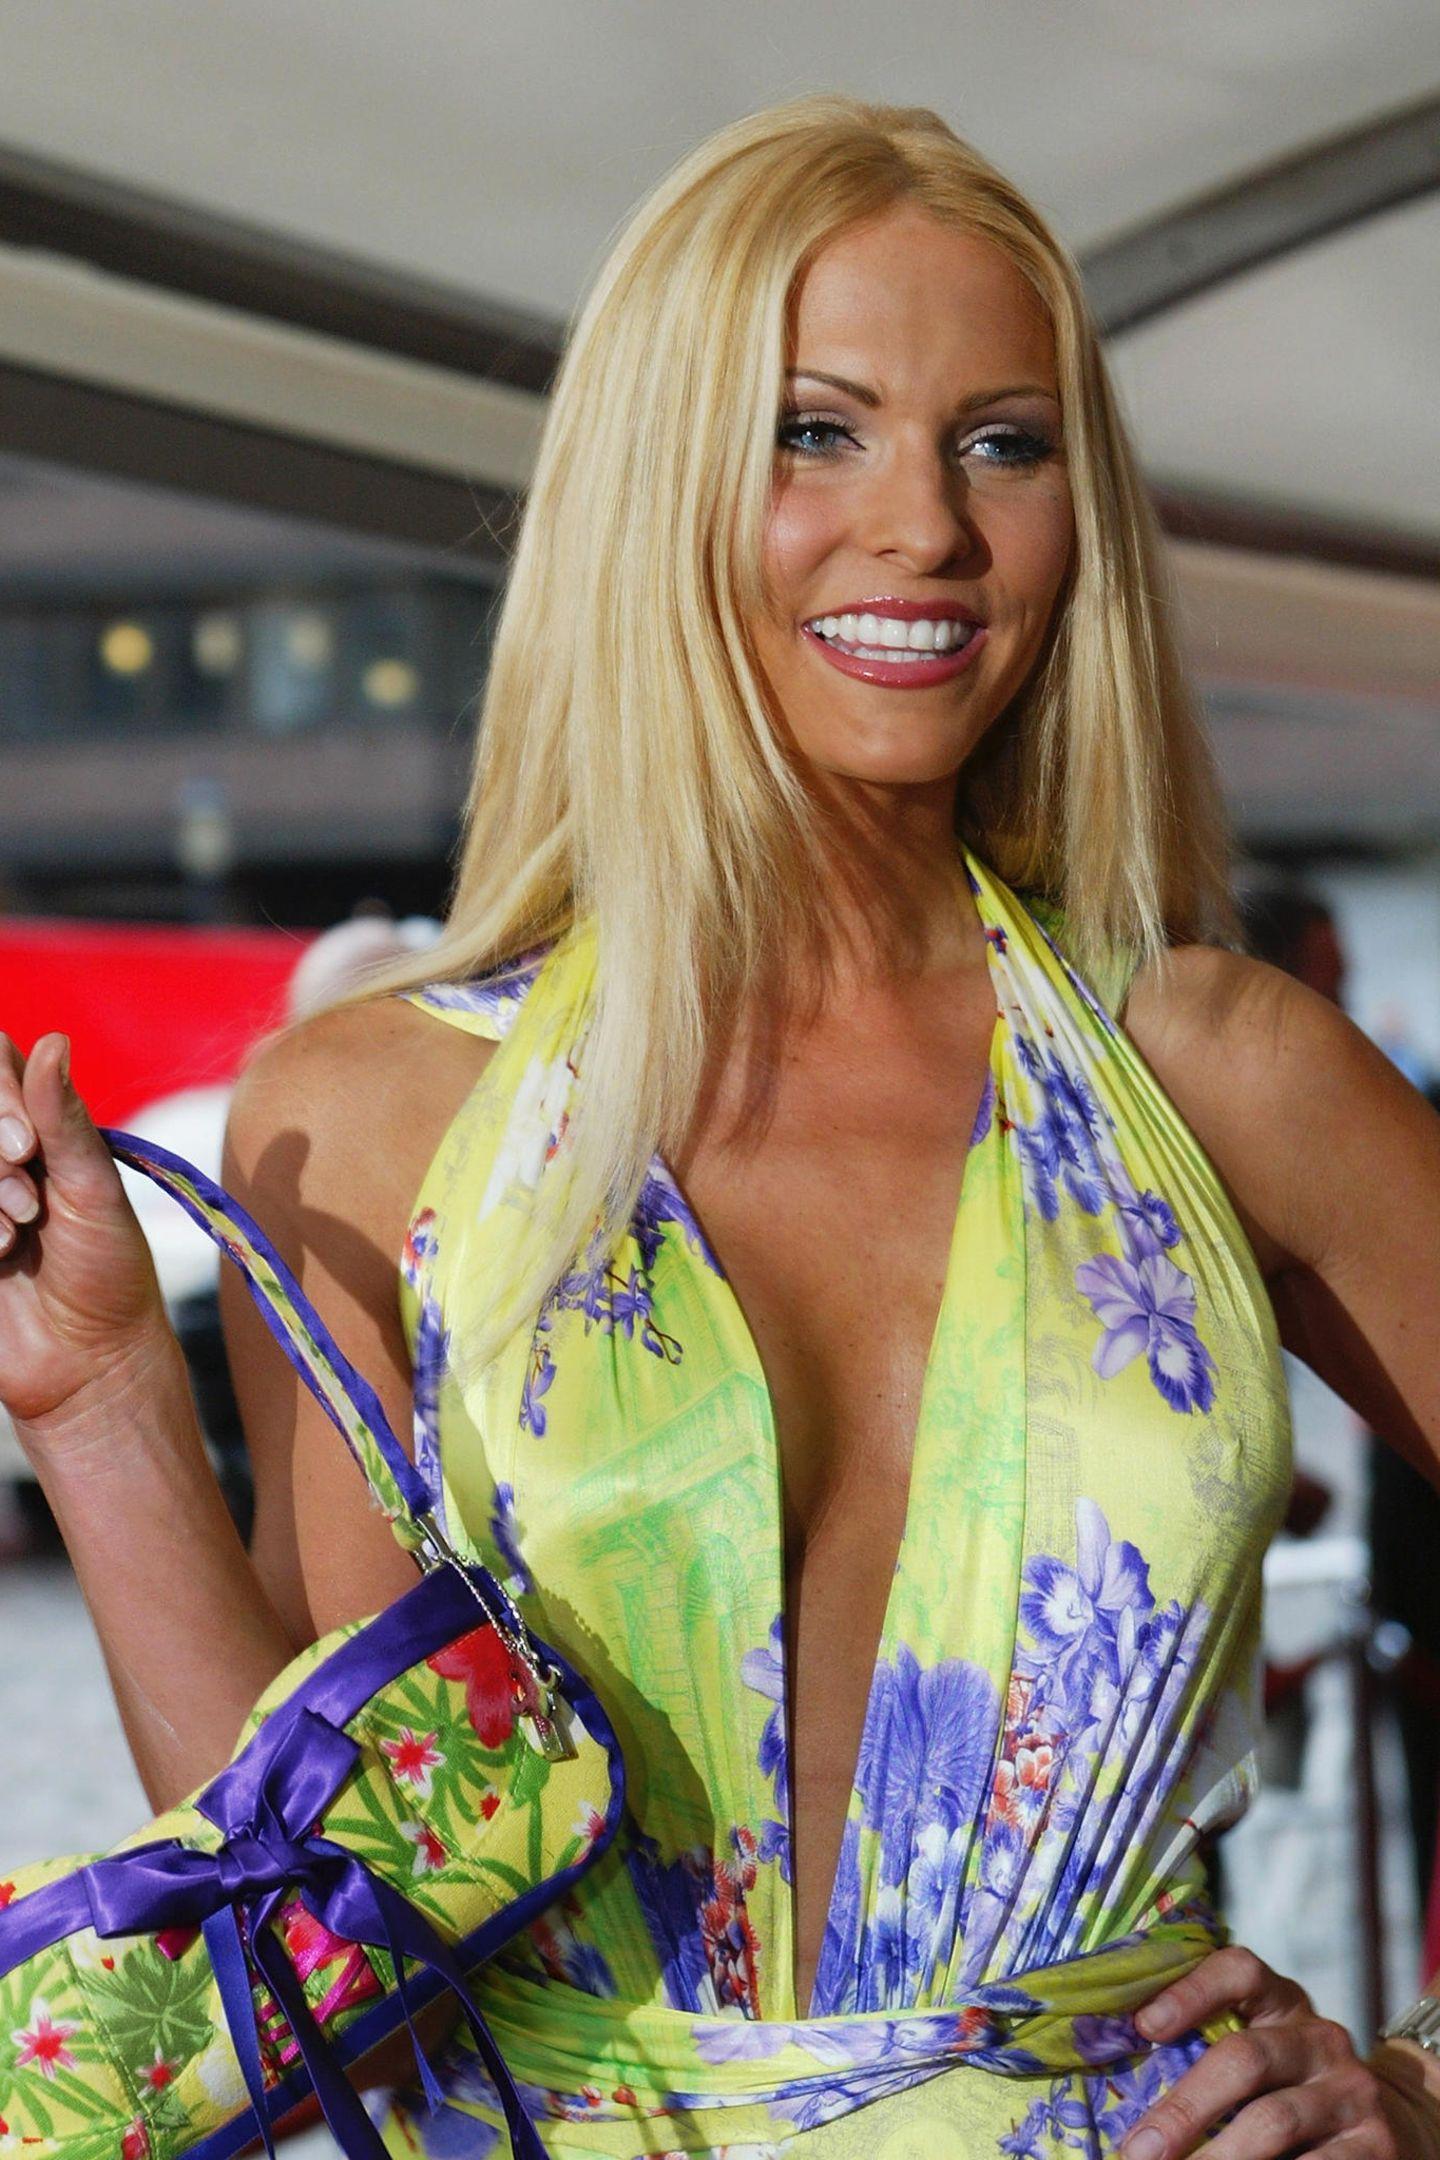 """Sonya Kraus feiertihren Durchbruch 1998 beim """"Glücksrad"""". Danach bekommtsie im Jahr 2000 ihre erste eigene Show""""Talk talk talk"""", die sie elf Jahre lang moderiertund dadurchnationale Bekanntheit erlangt. Zu Beginn ihrer Show ist die gebürtige Frankfurterin gerade 28 Jahre alt. Und heute?"""